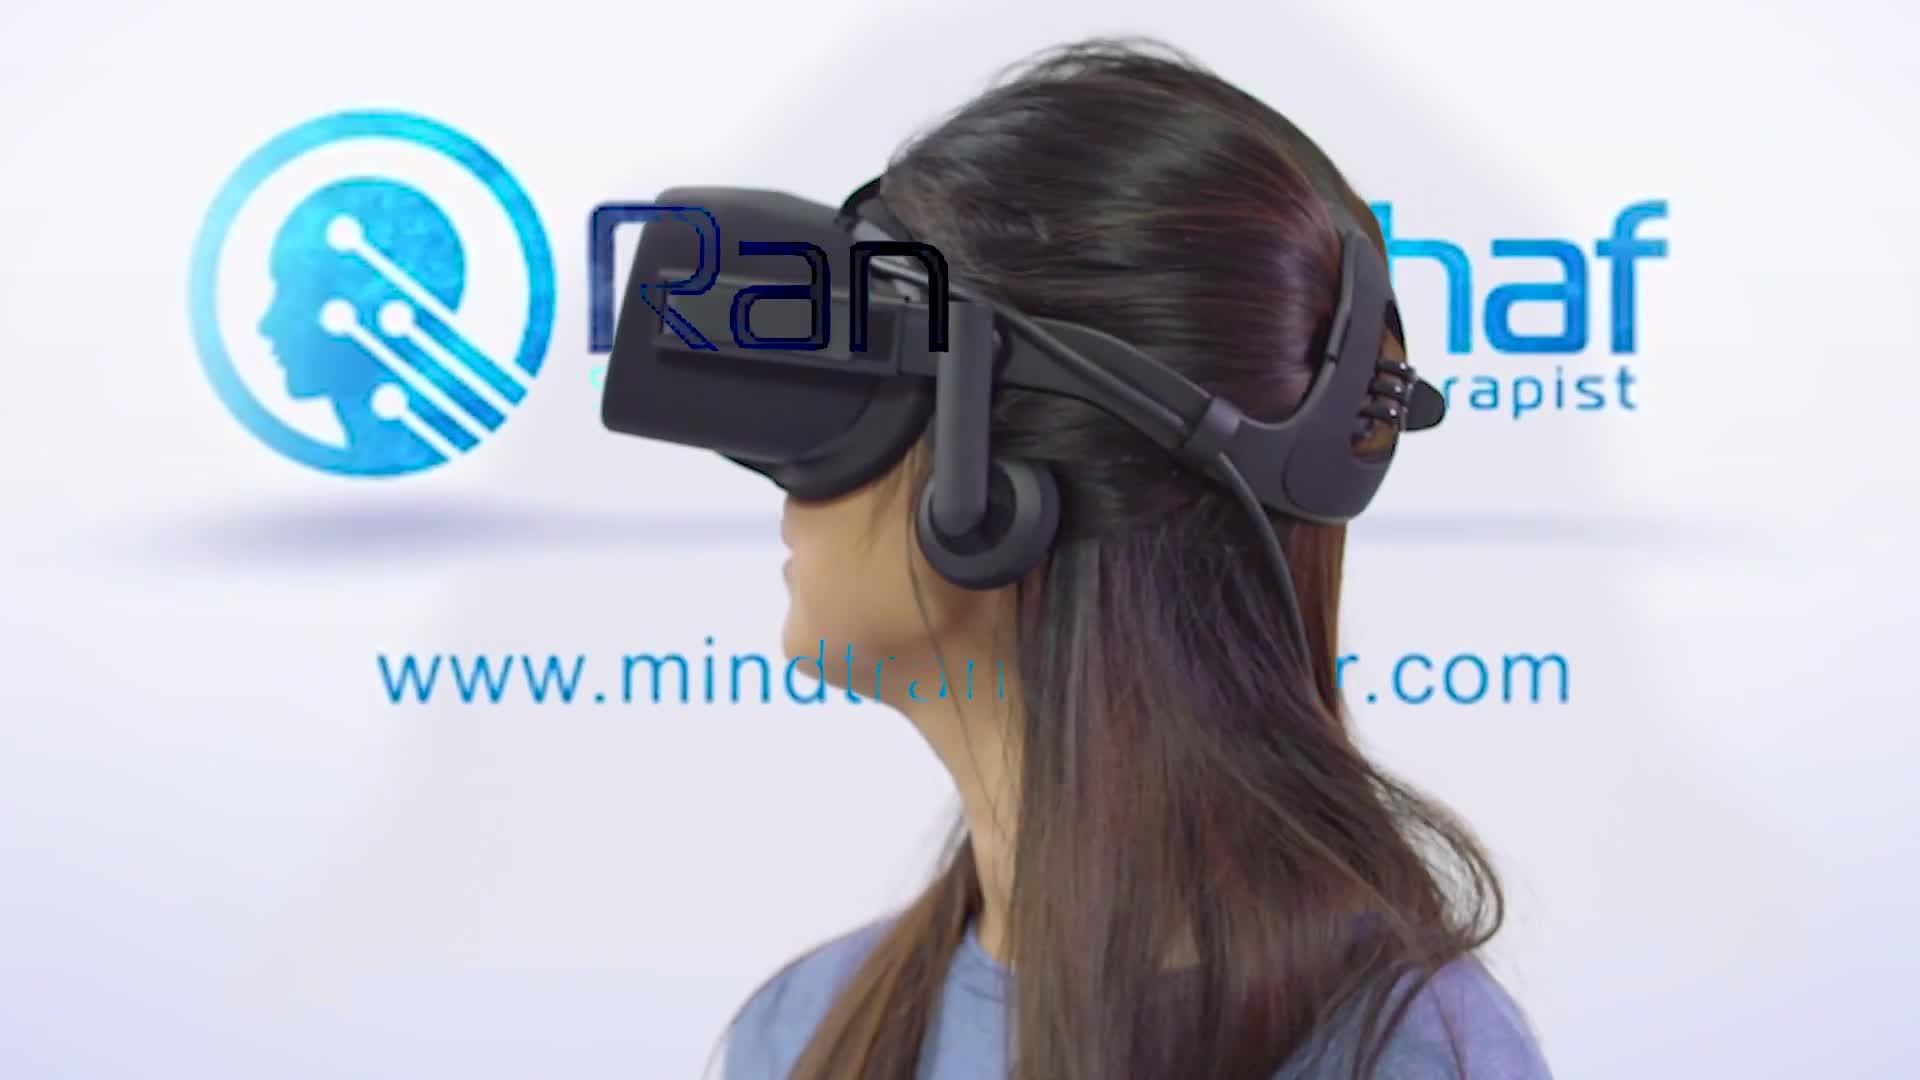 VR 360 - Kickstarter